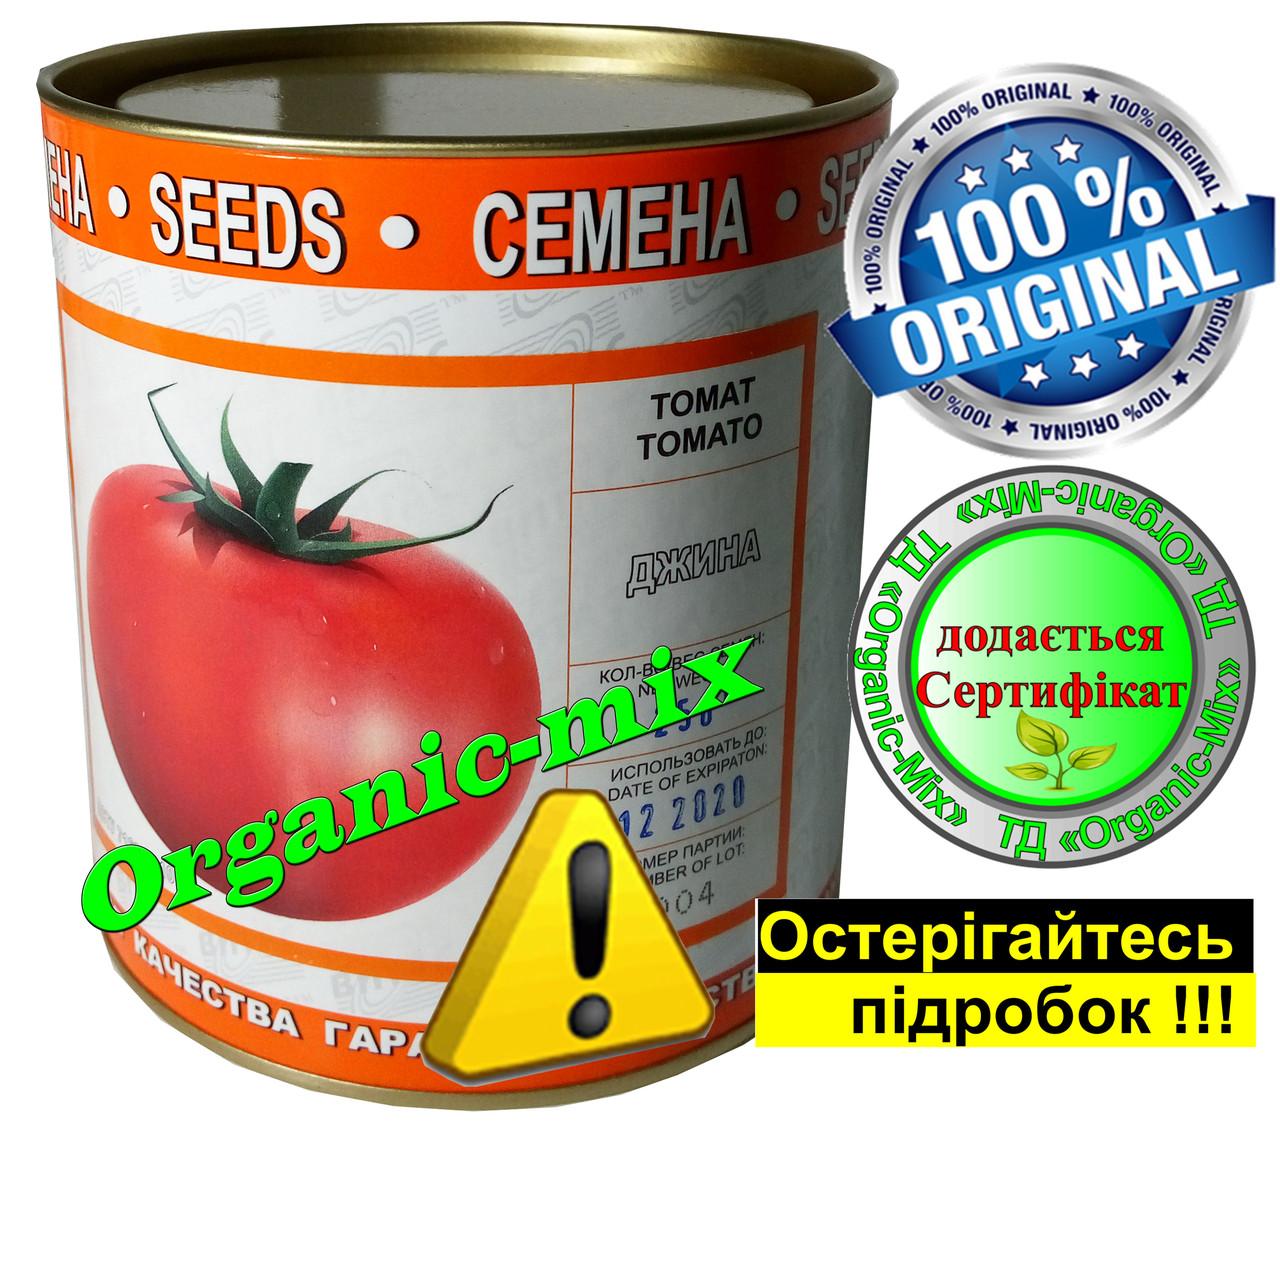 Семена, томат Джина Инкрустированные ТМ Vitas (банка 200 г)